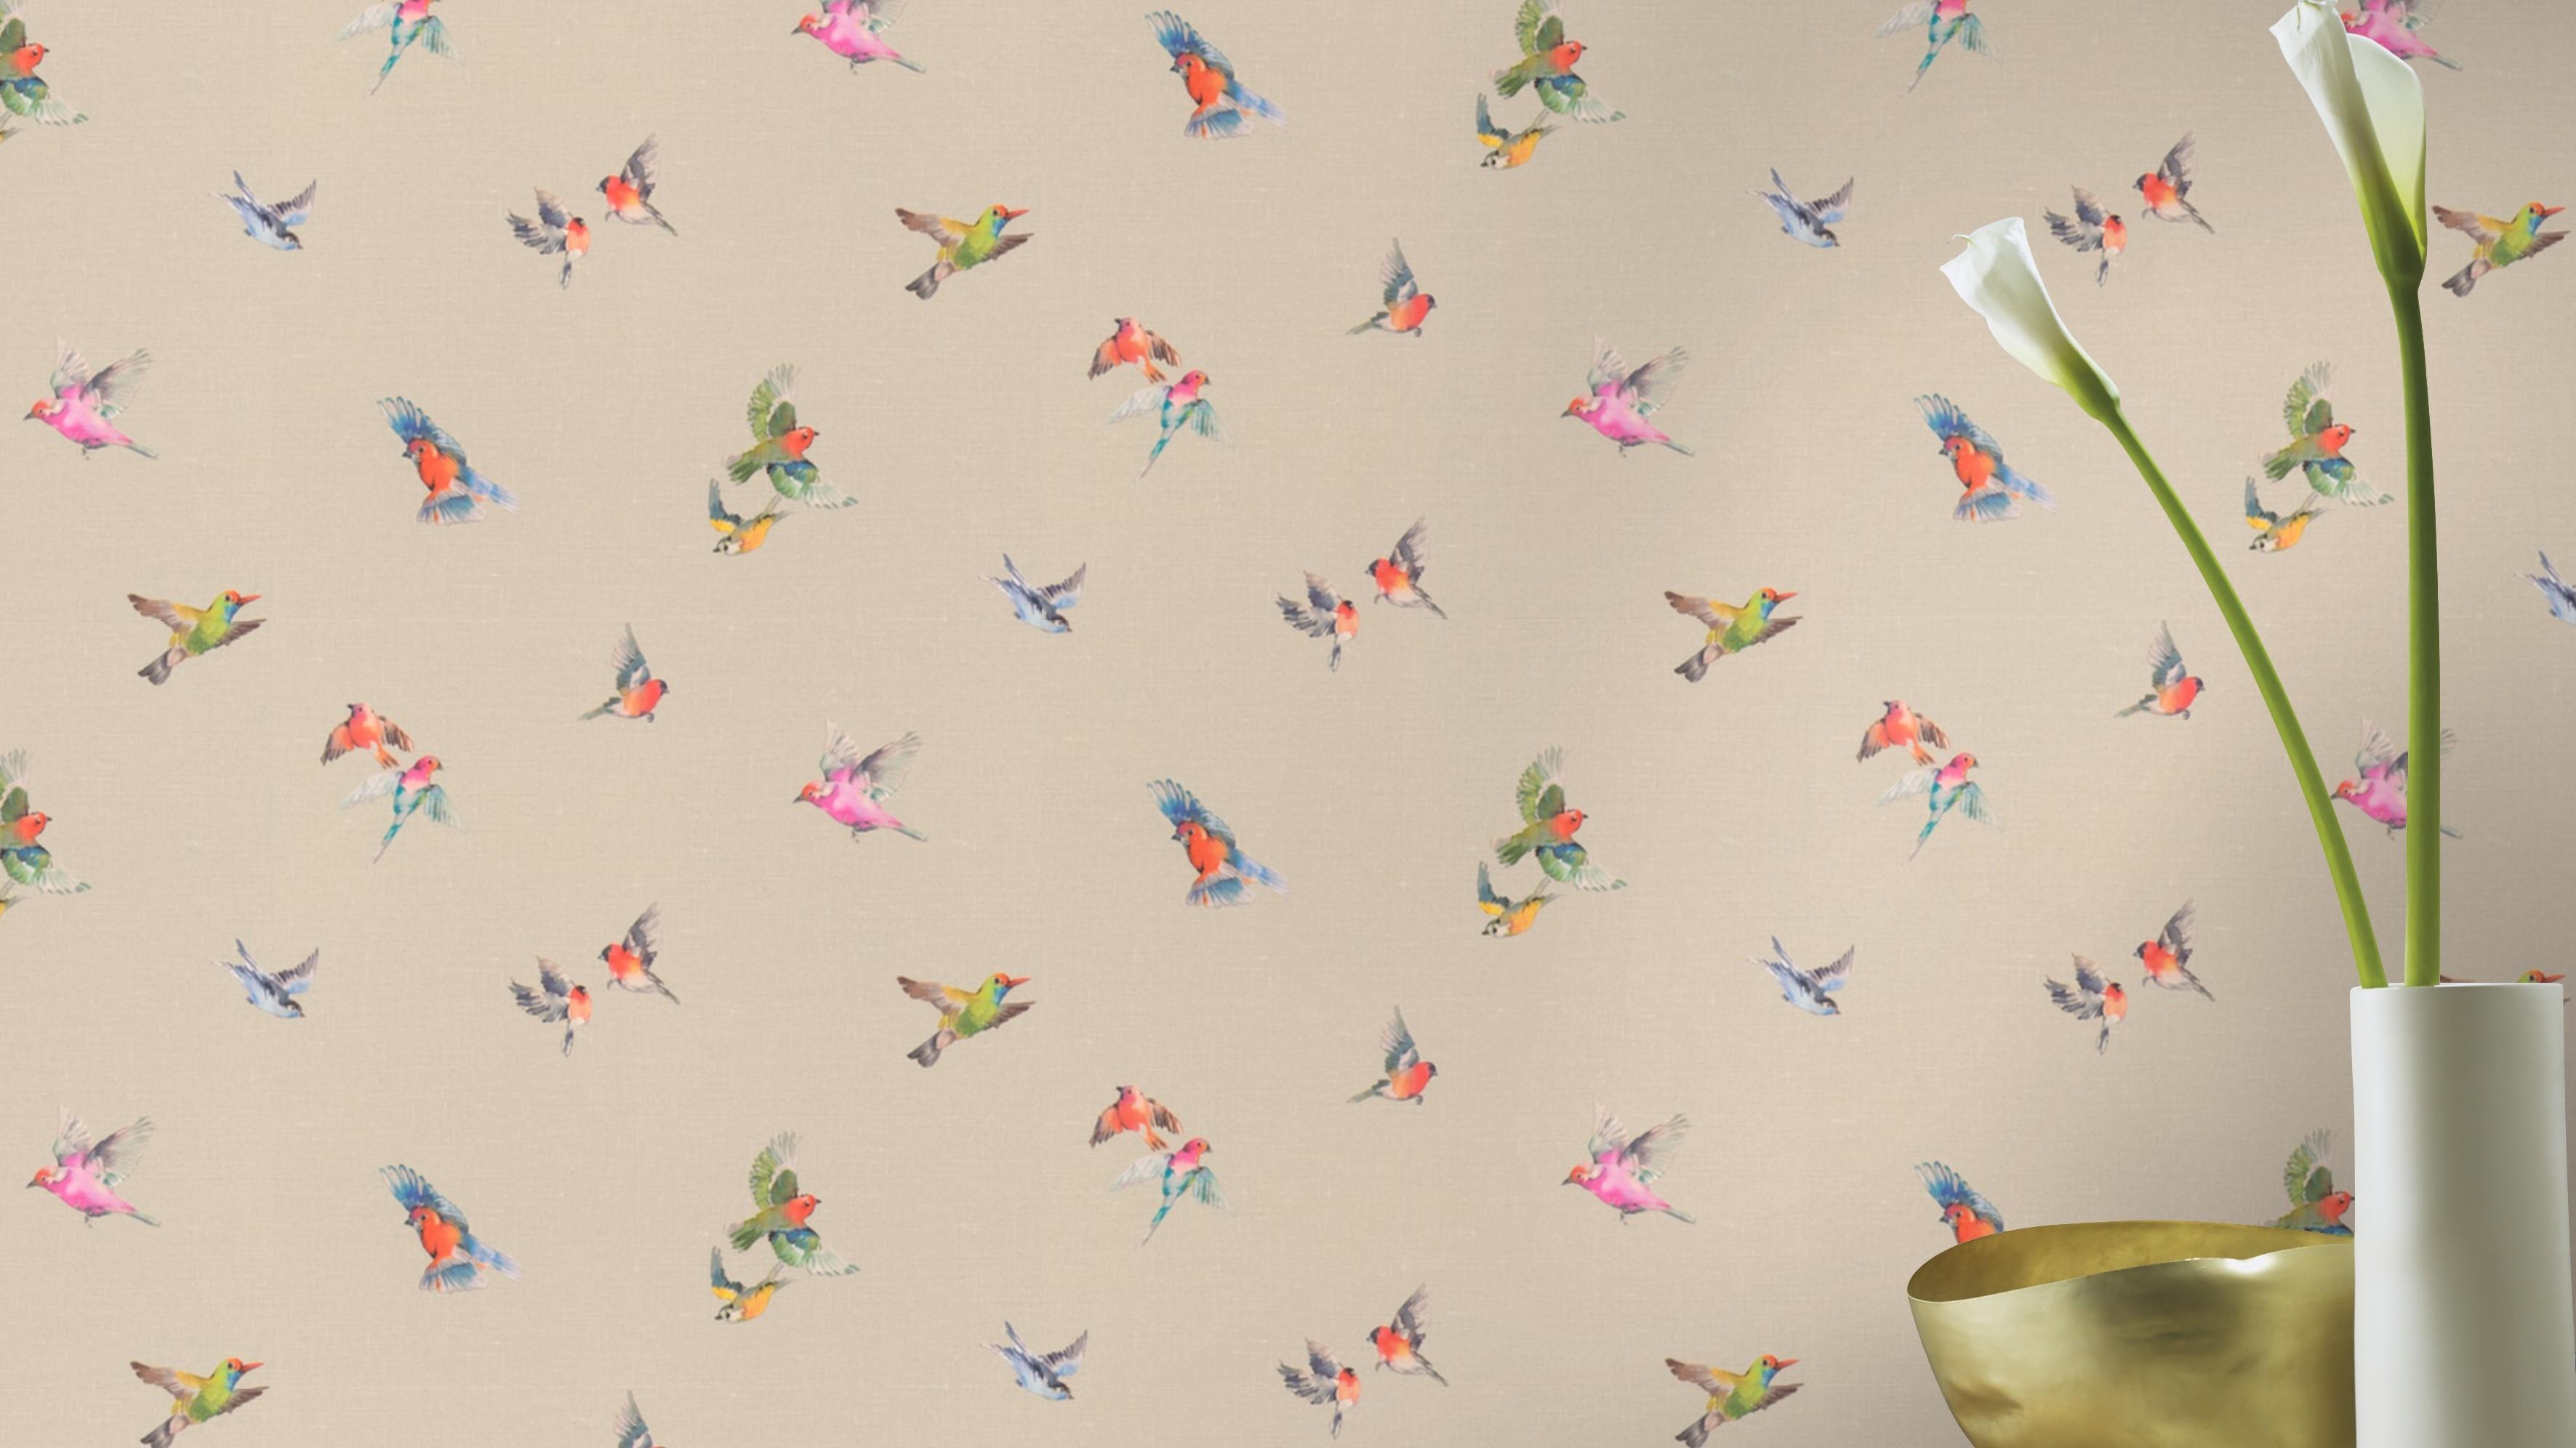 Színes madár mintás tapéta bézs alapon vintage hangulatban